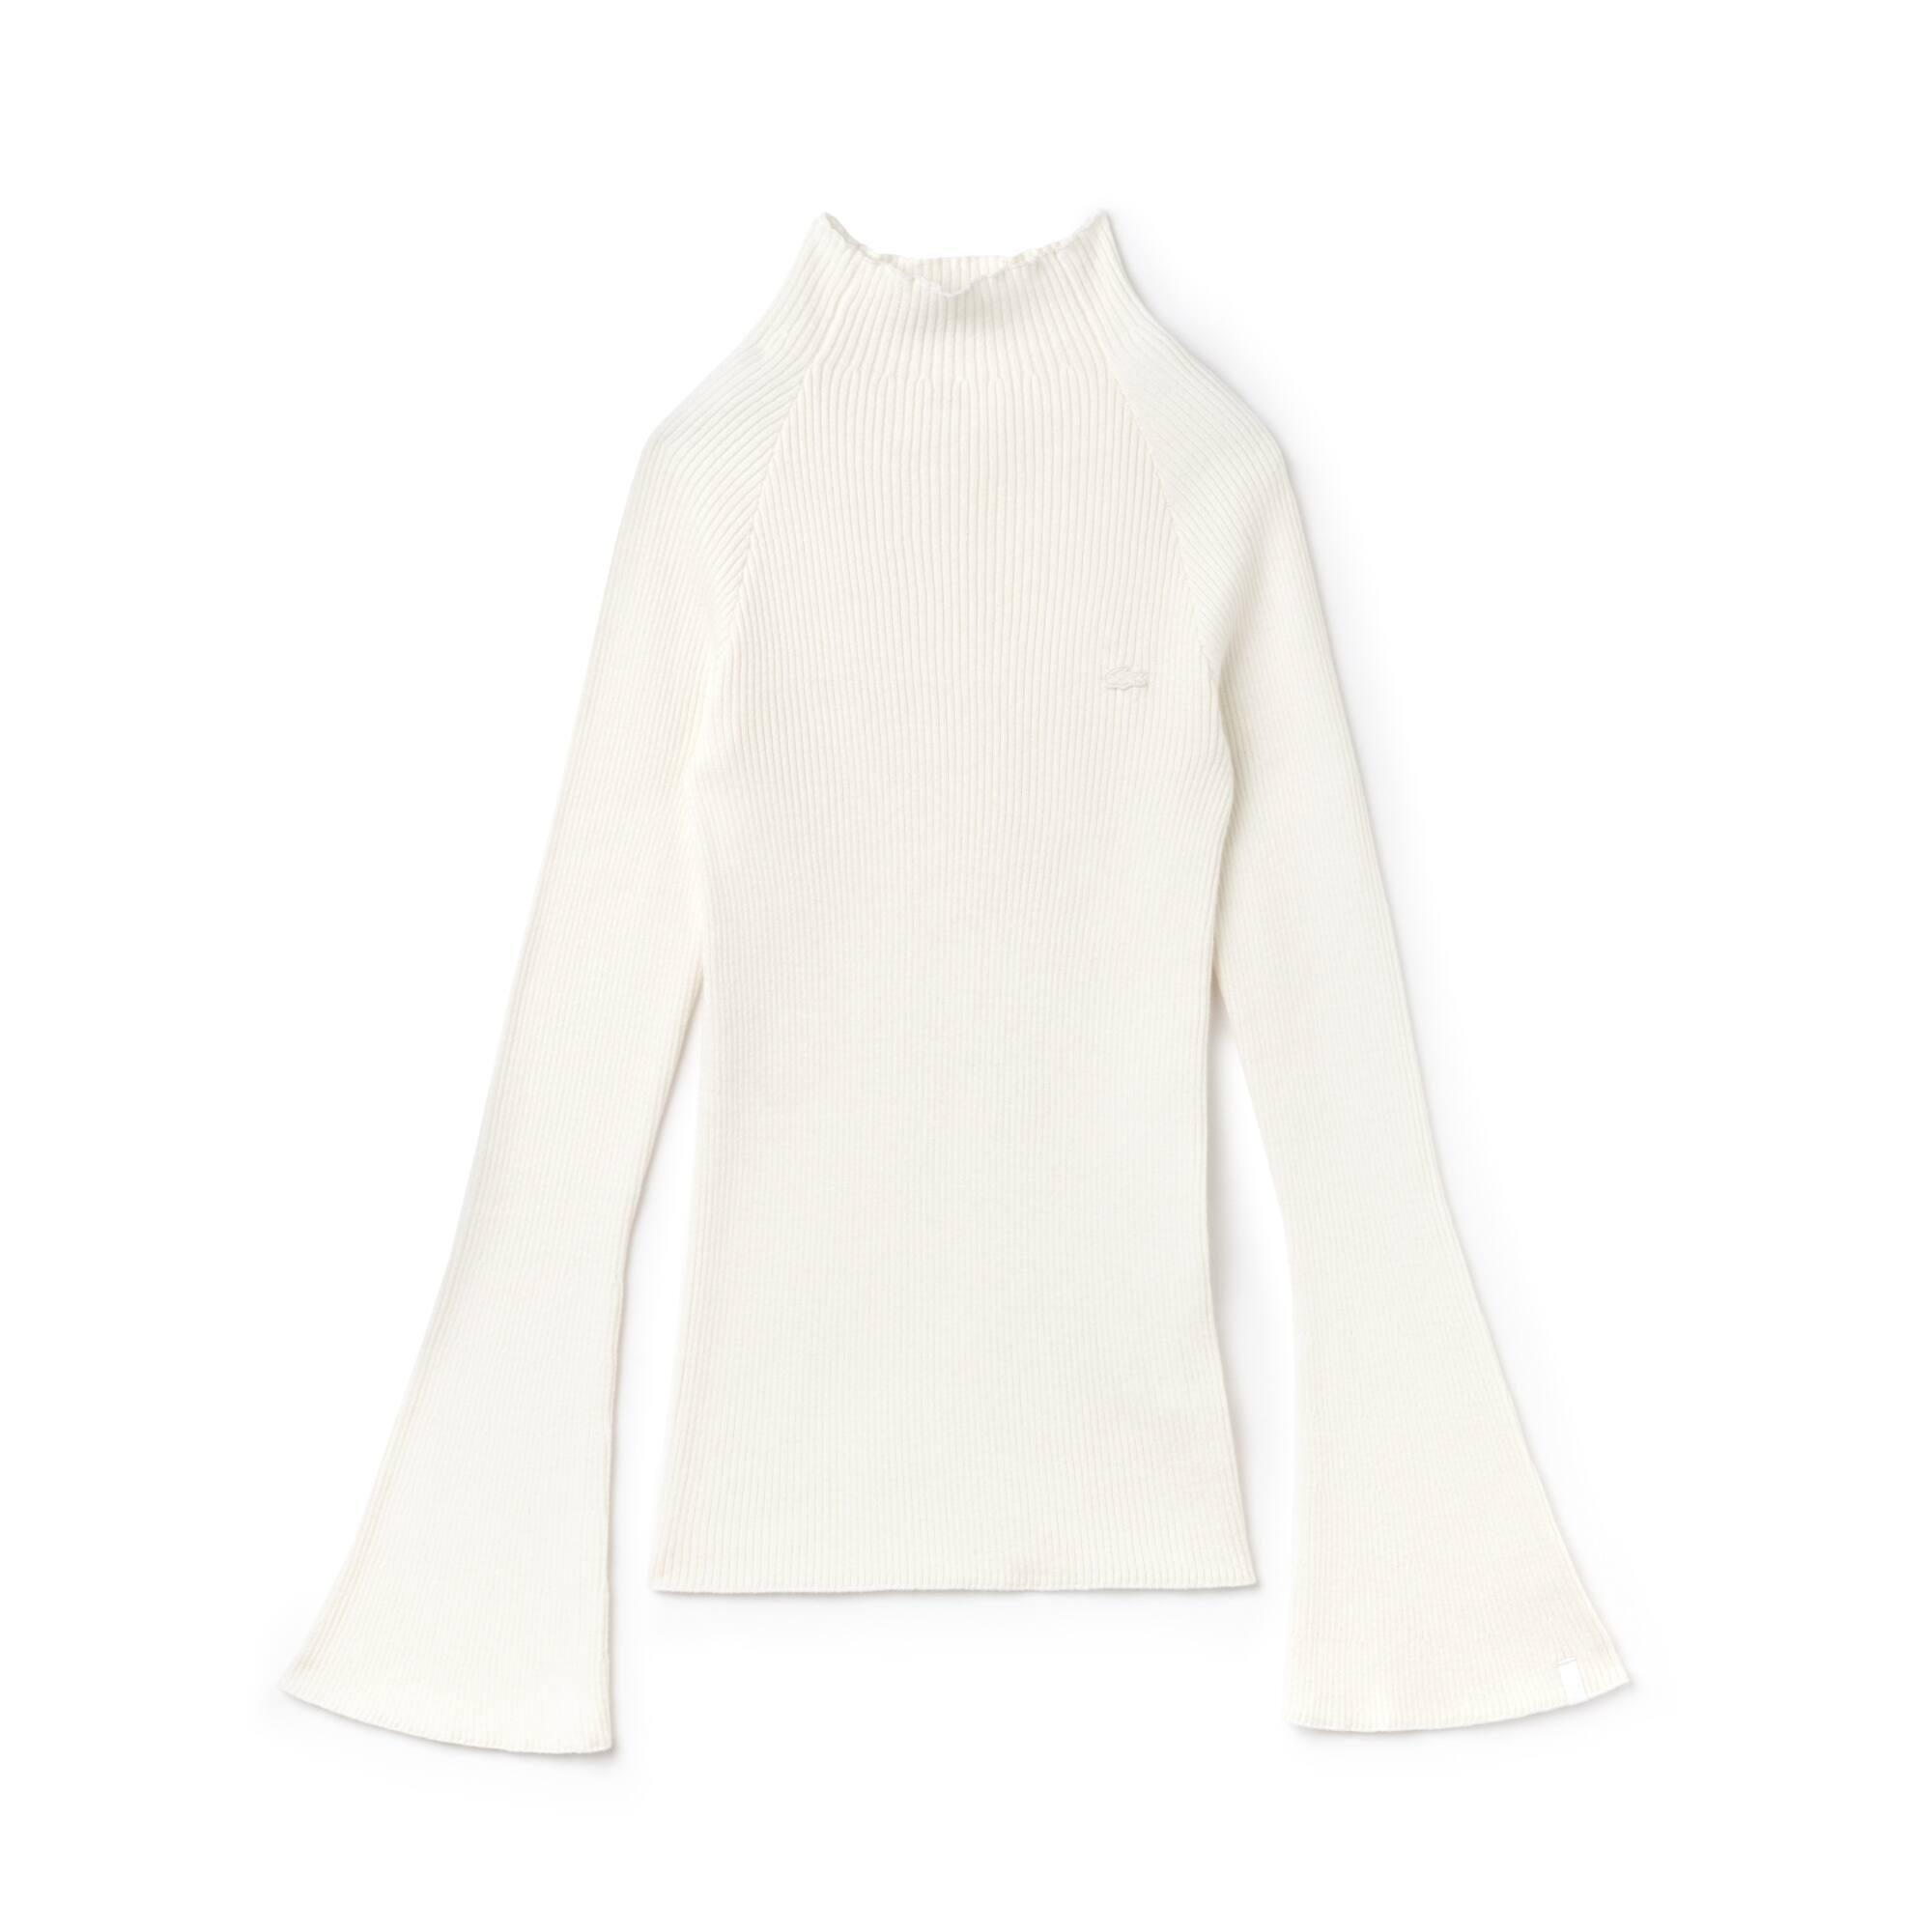 Camisola com gola subida Lacoste LIVE em canelado de algodão e caxemira